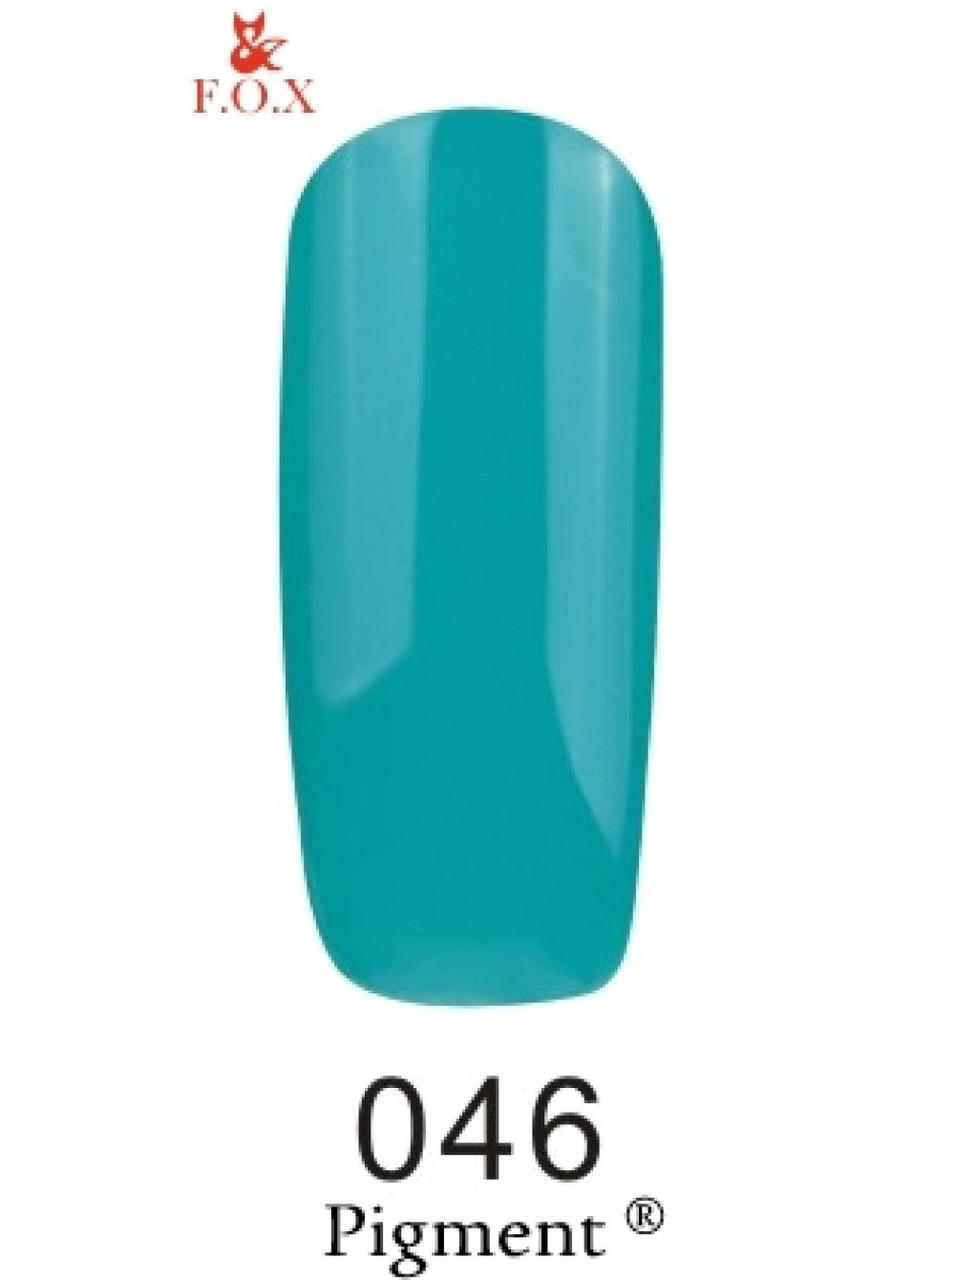 046 F.O.X gel-polish gold Pigment 6 мл